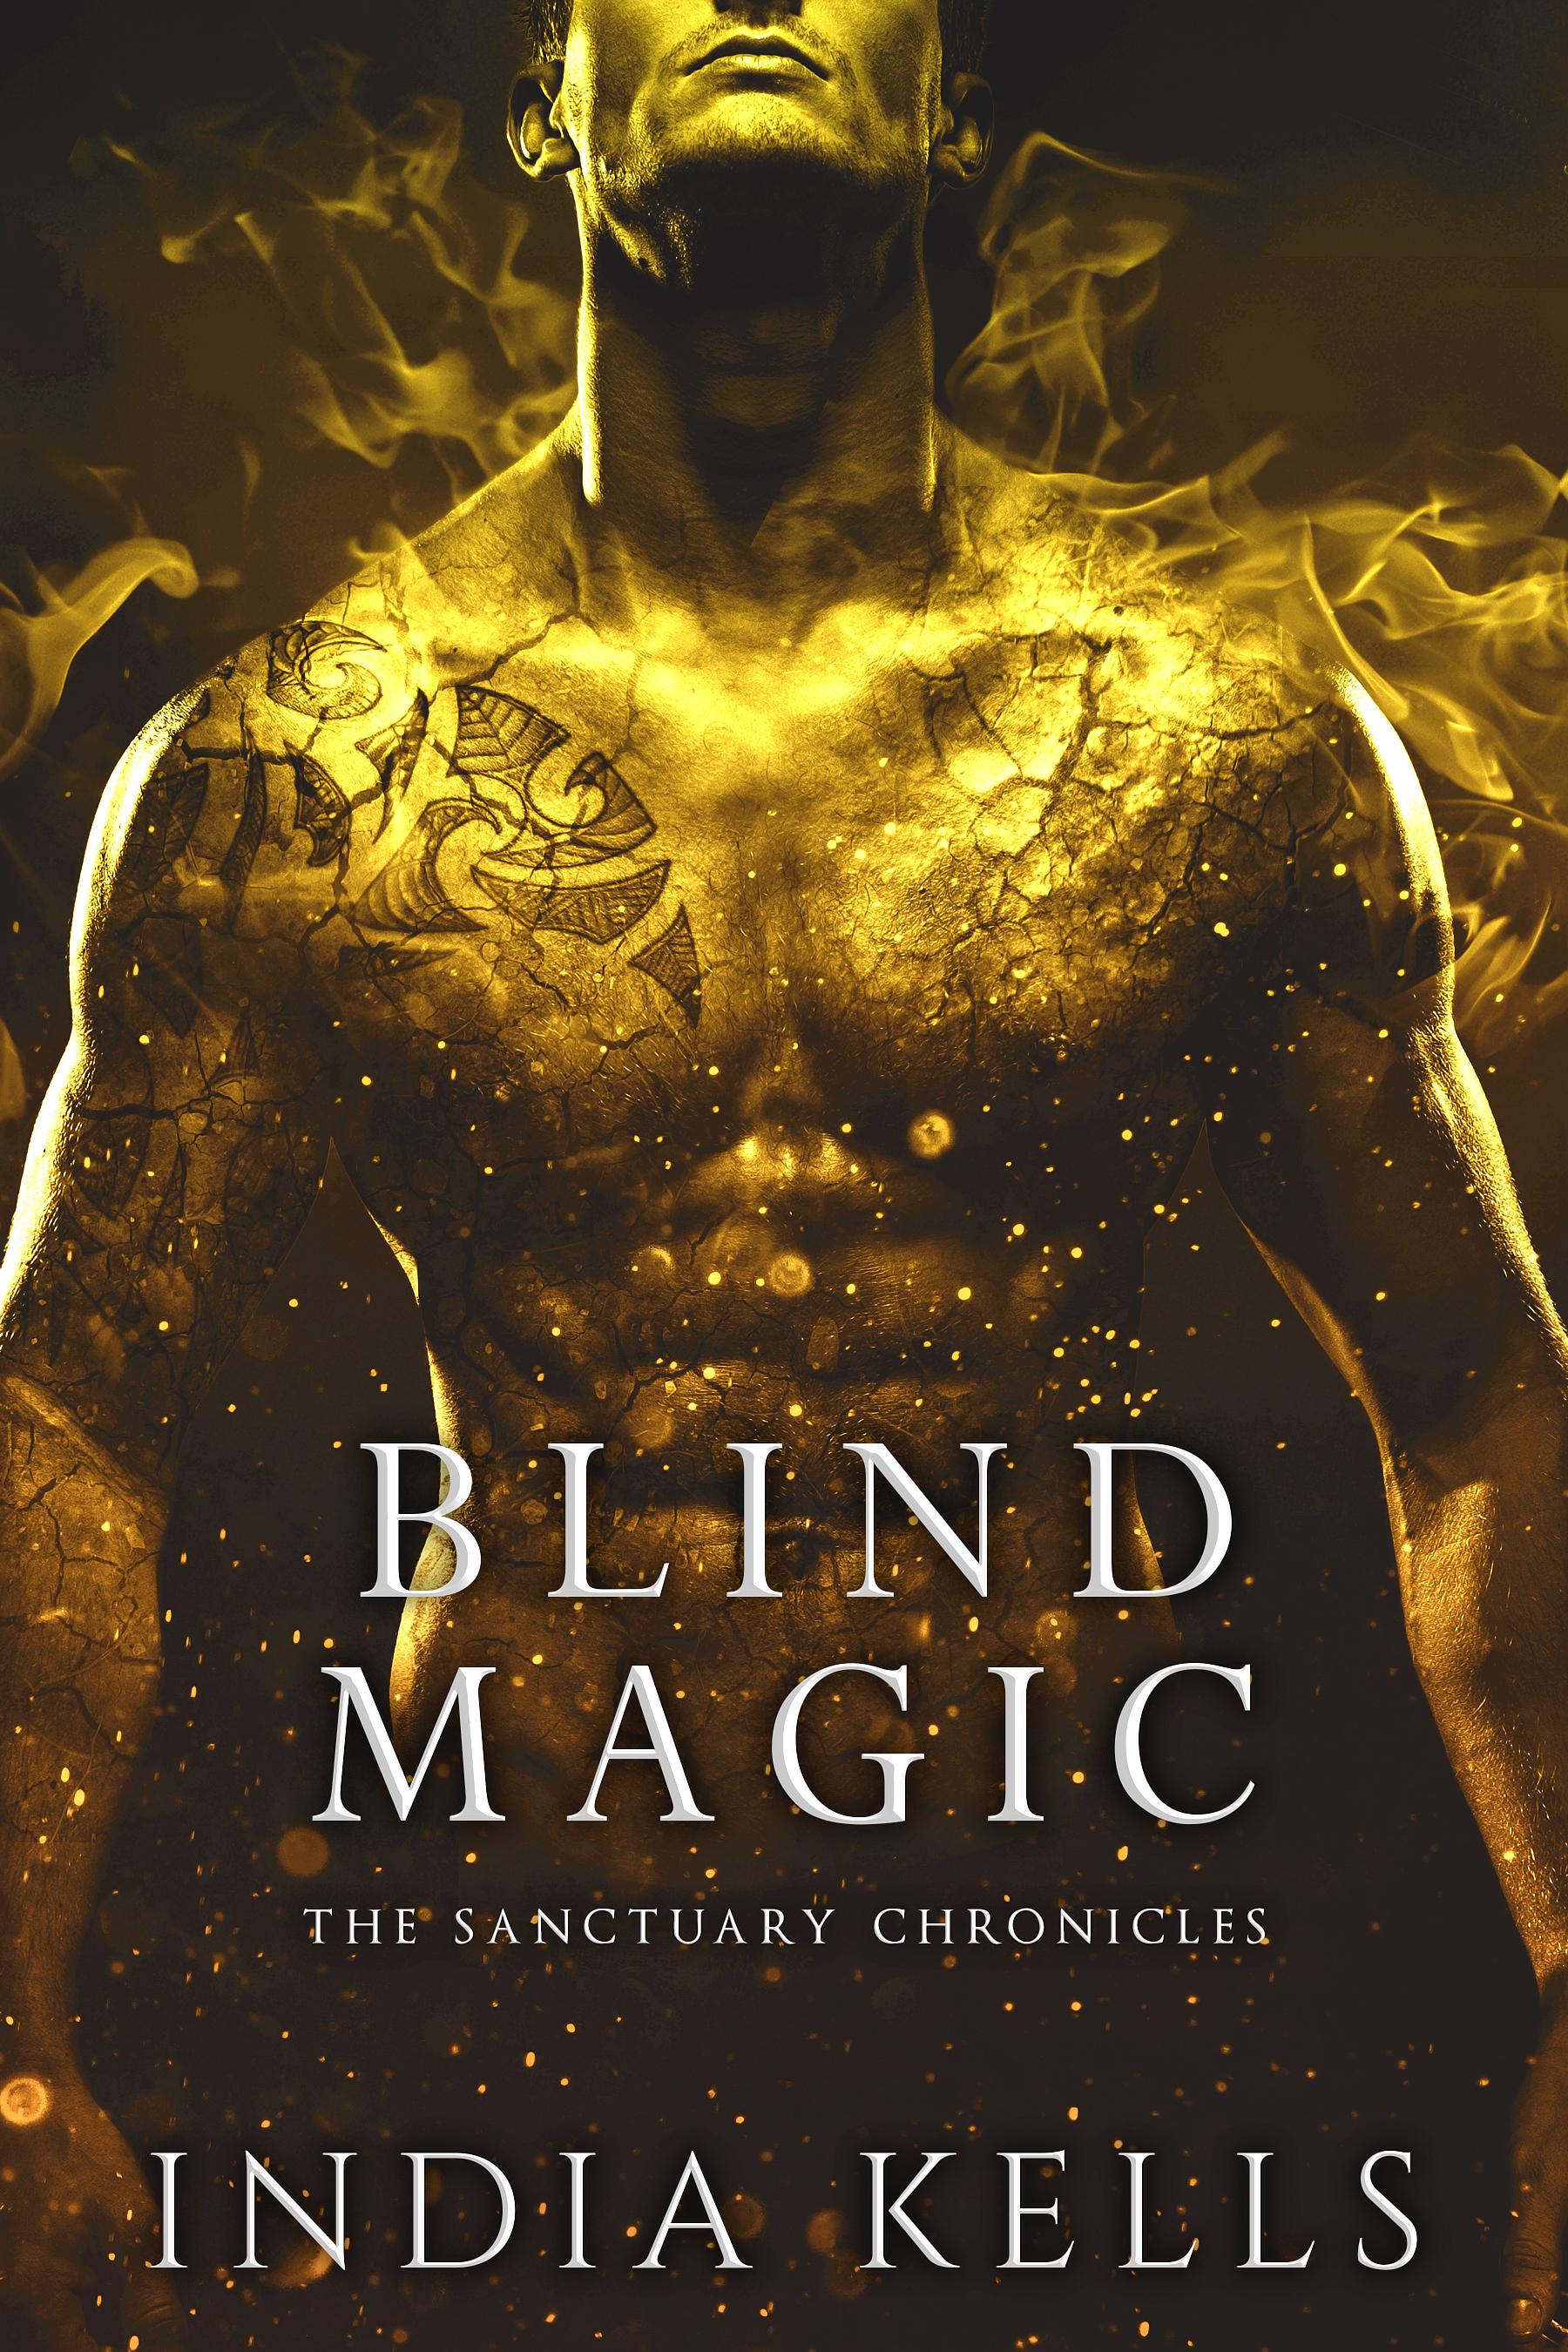 BLIND MAGIC FINAL 2.jpg